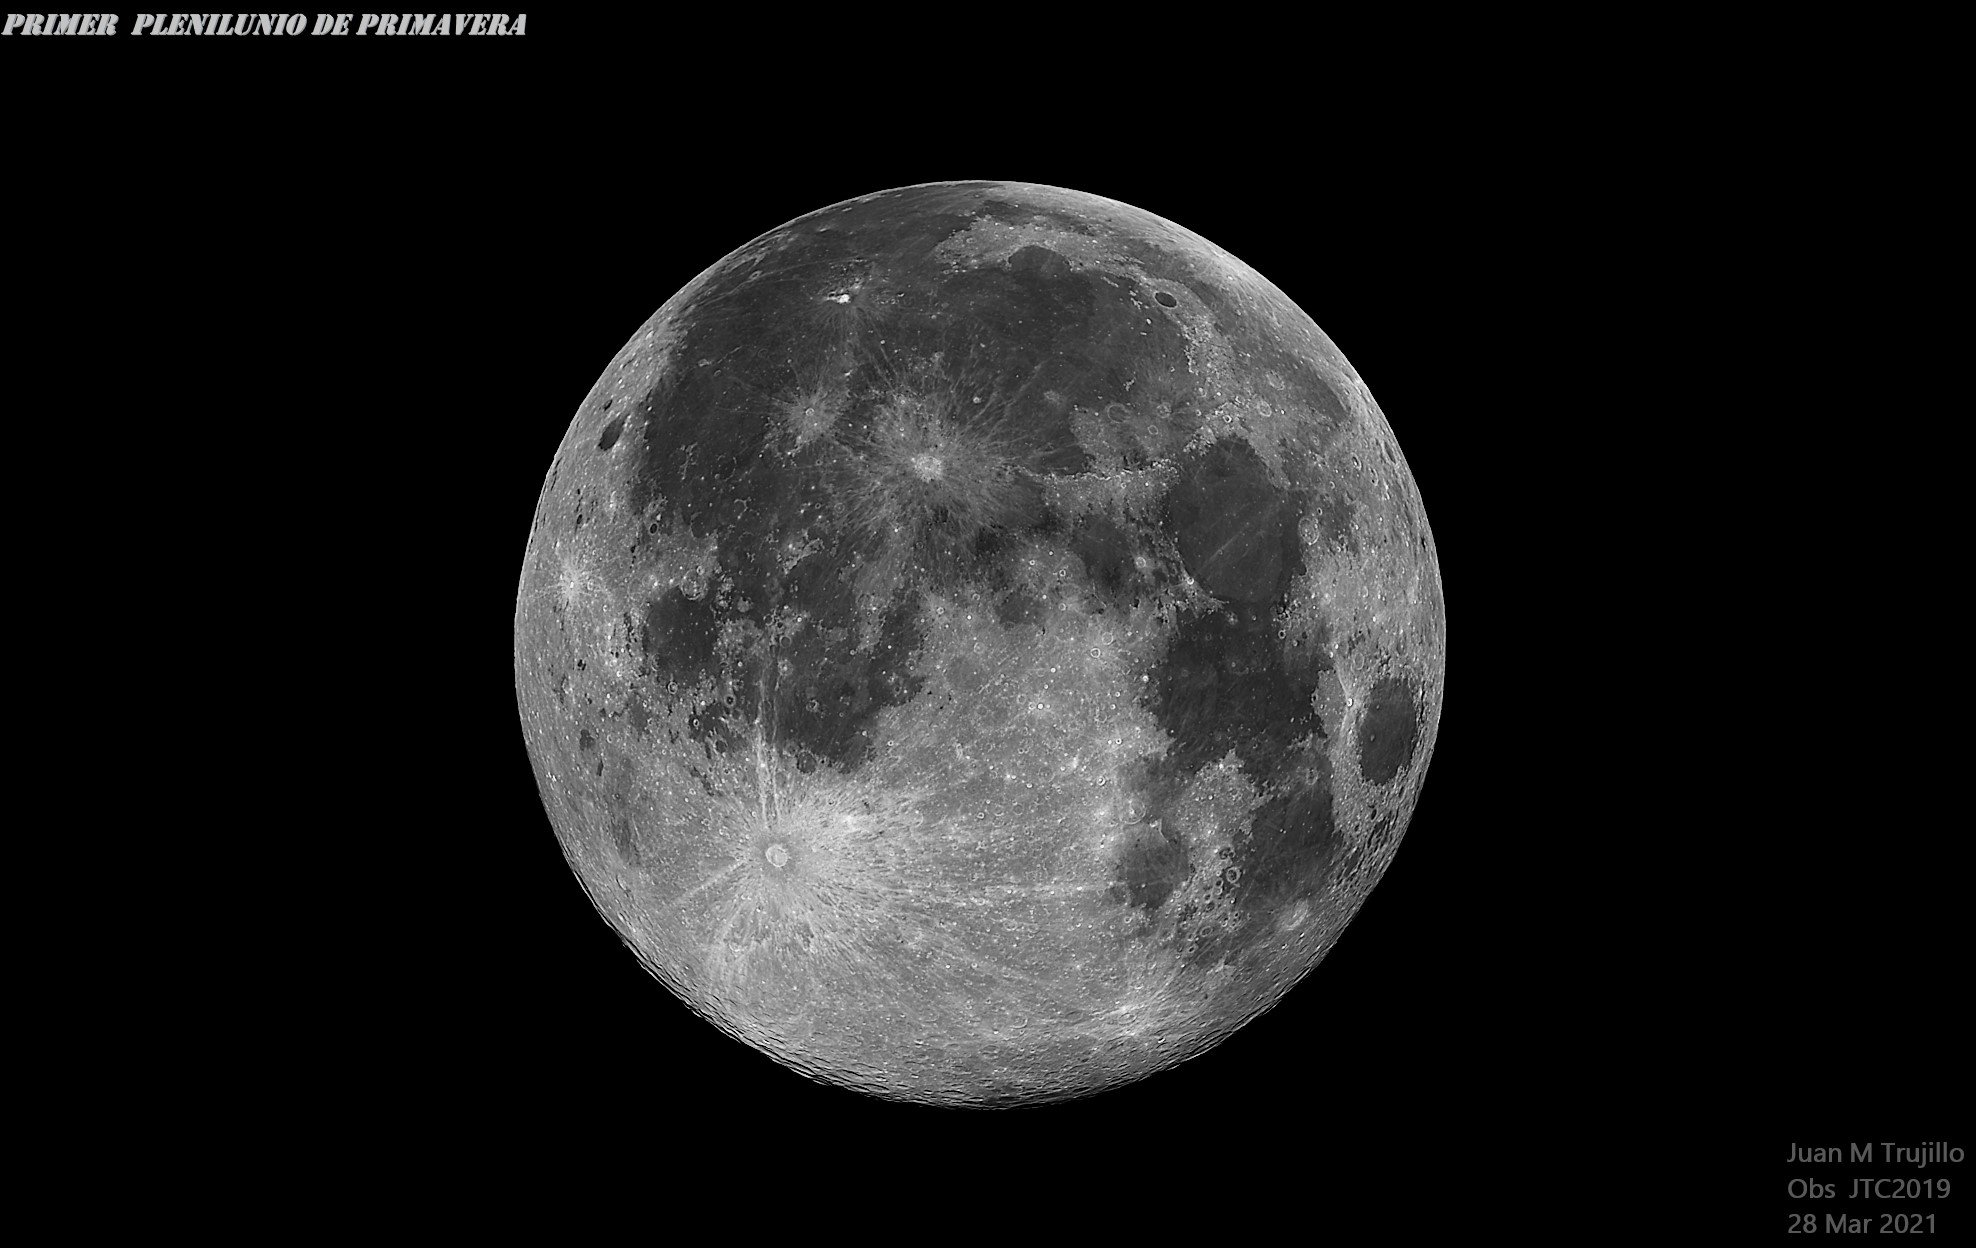 Lluna - Juan M Trujillo